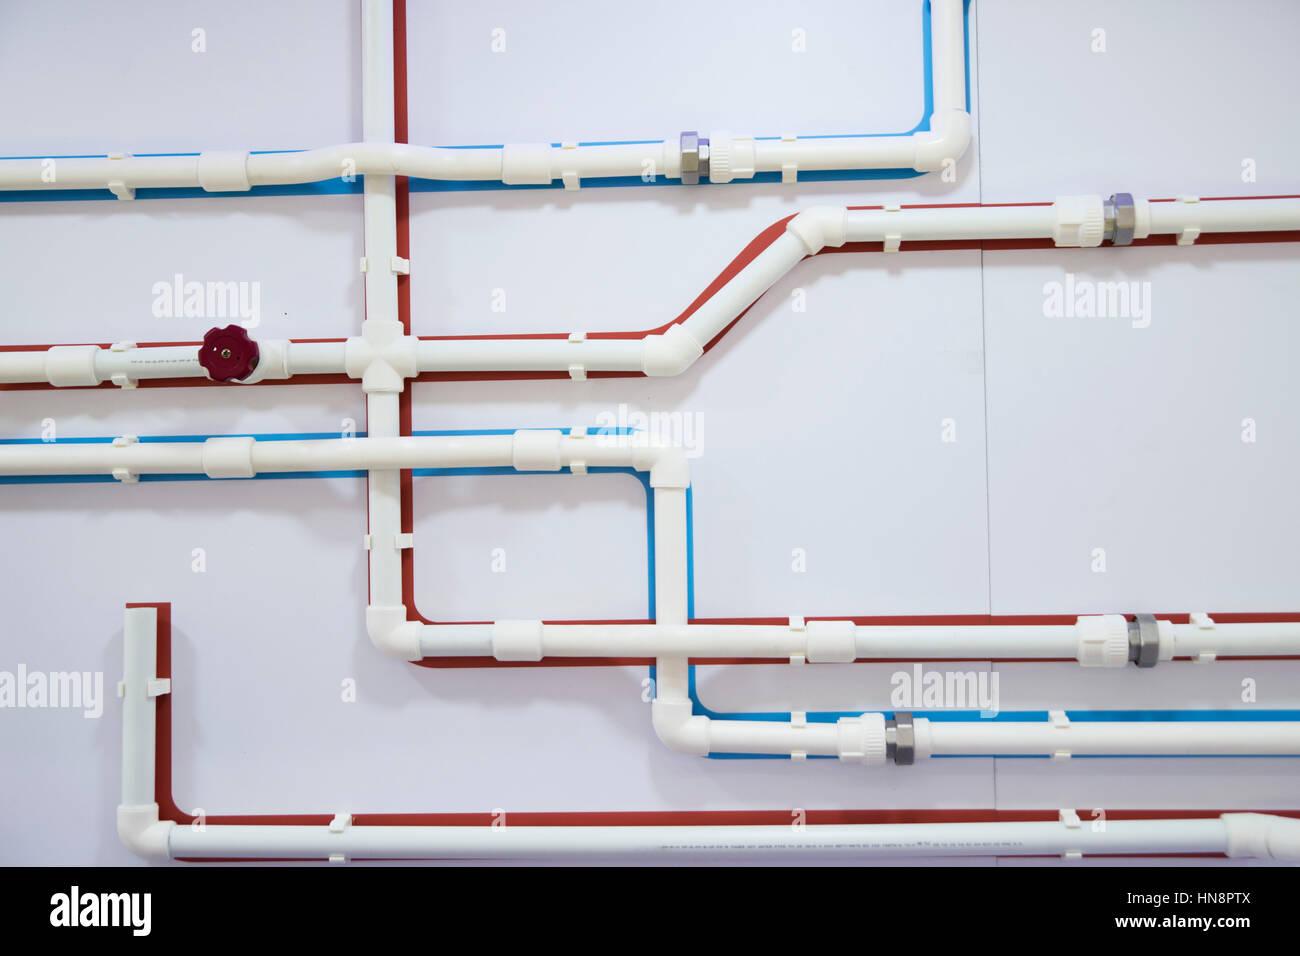 Ziemlich Warmwasser Rohrleitung Bilder - Die Besten Elektrischen ...